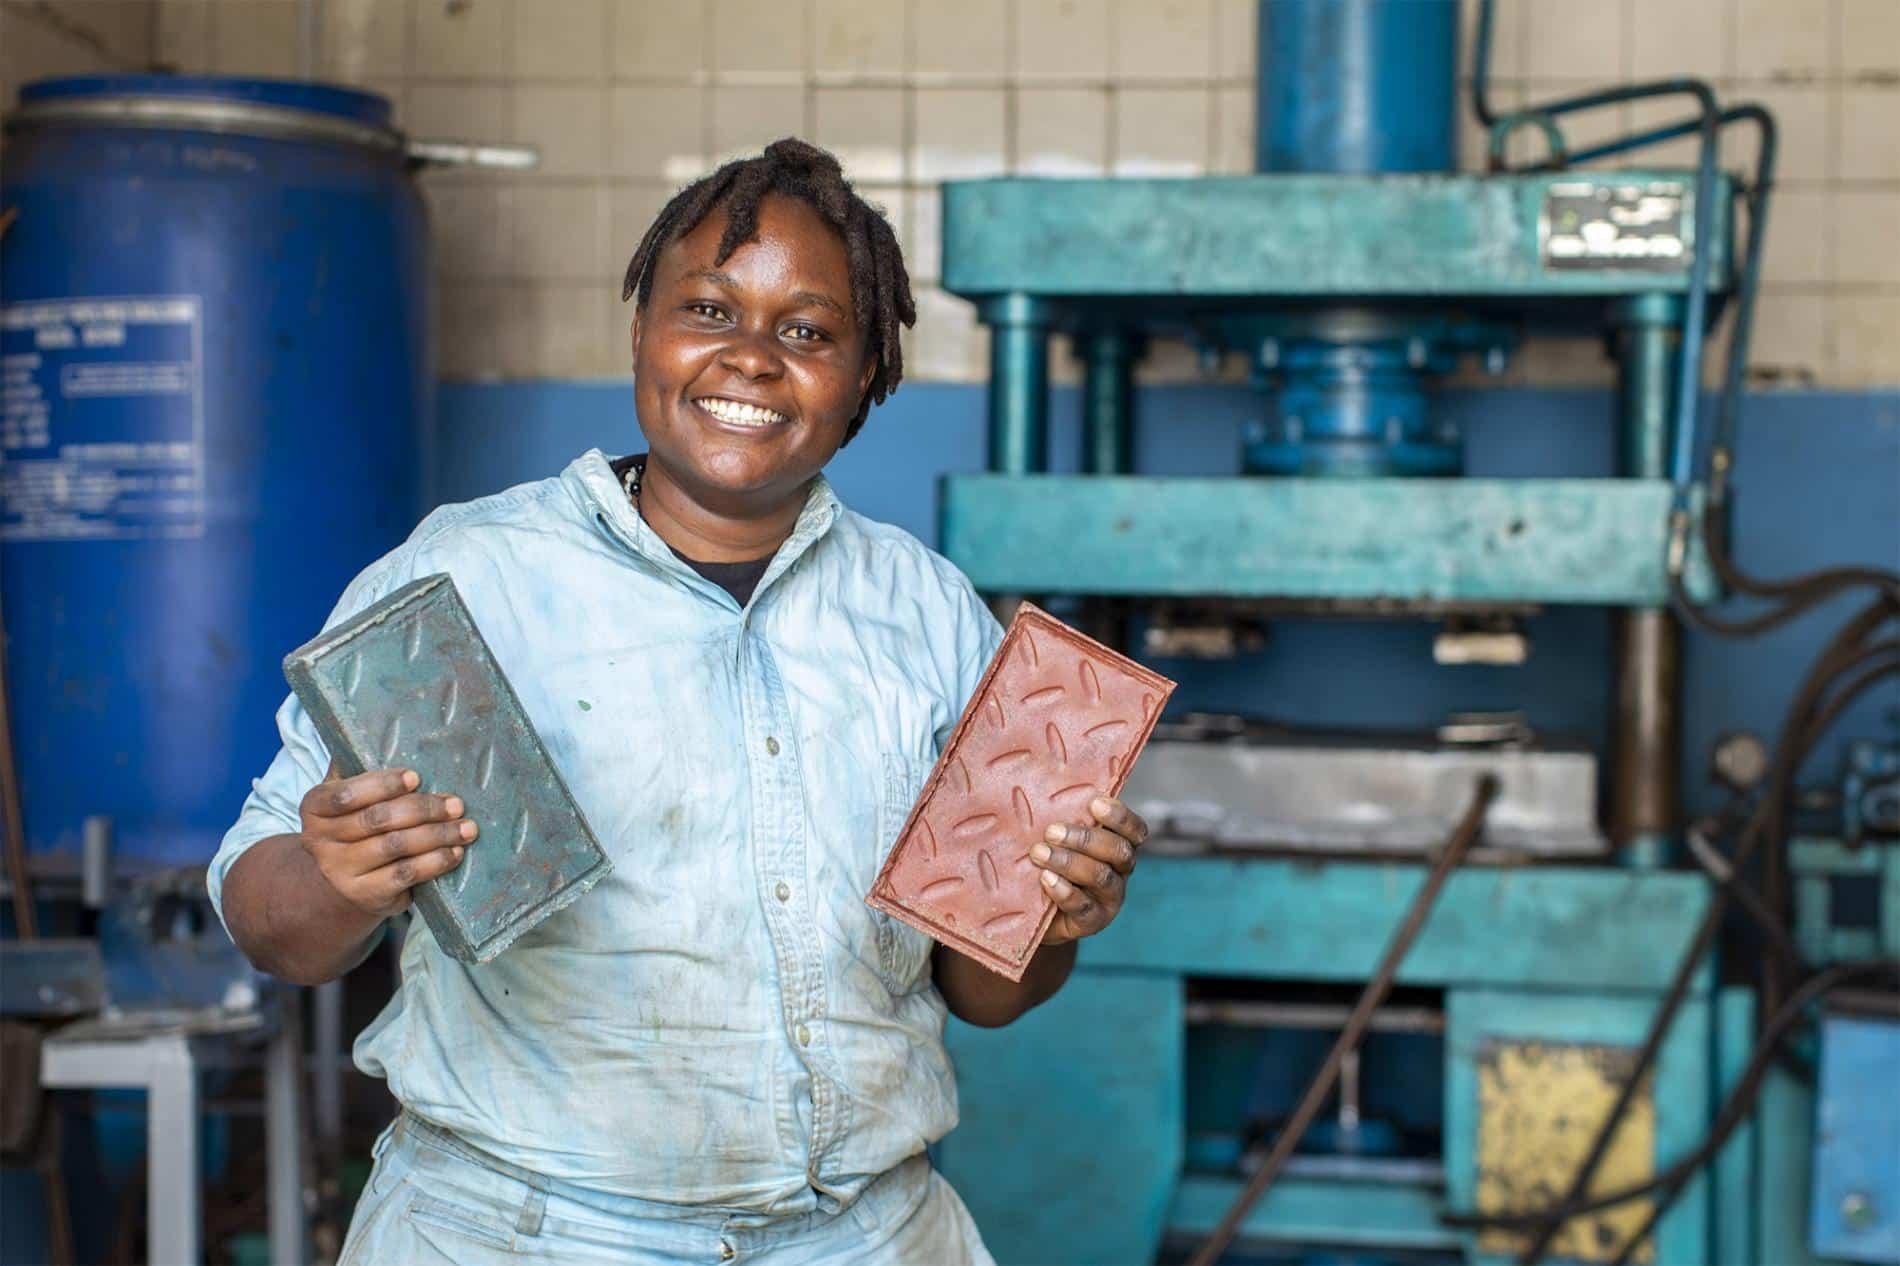 Conoce a la mujer que está transformando el plástico en ladrillos